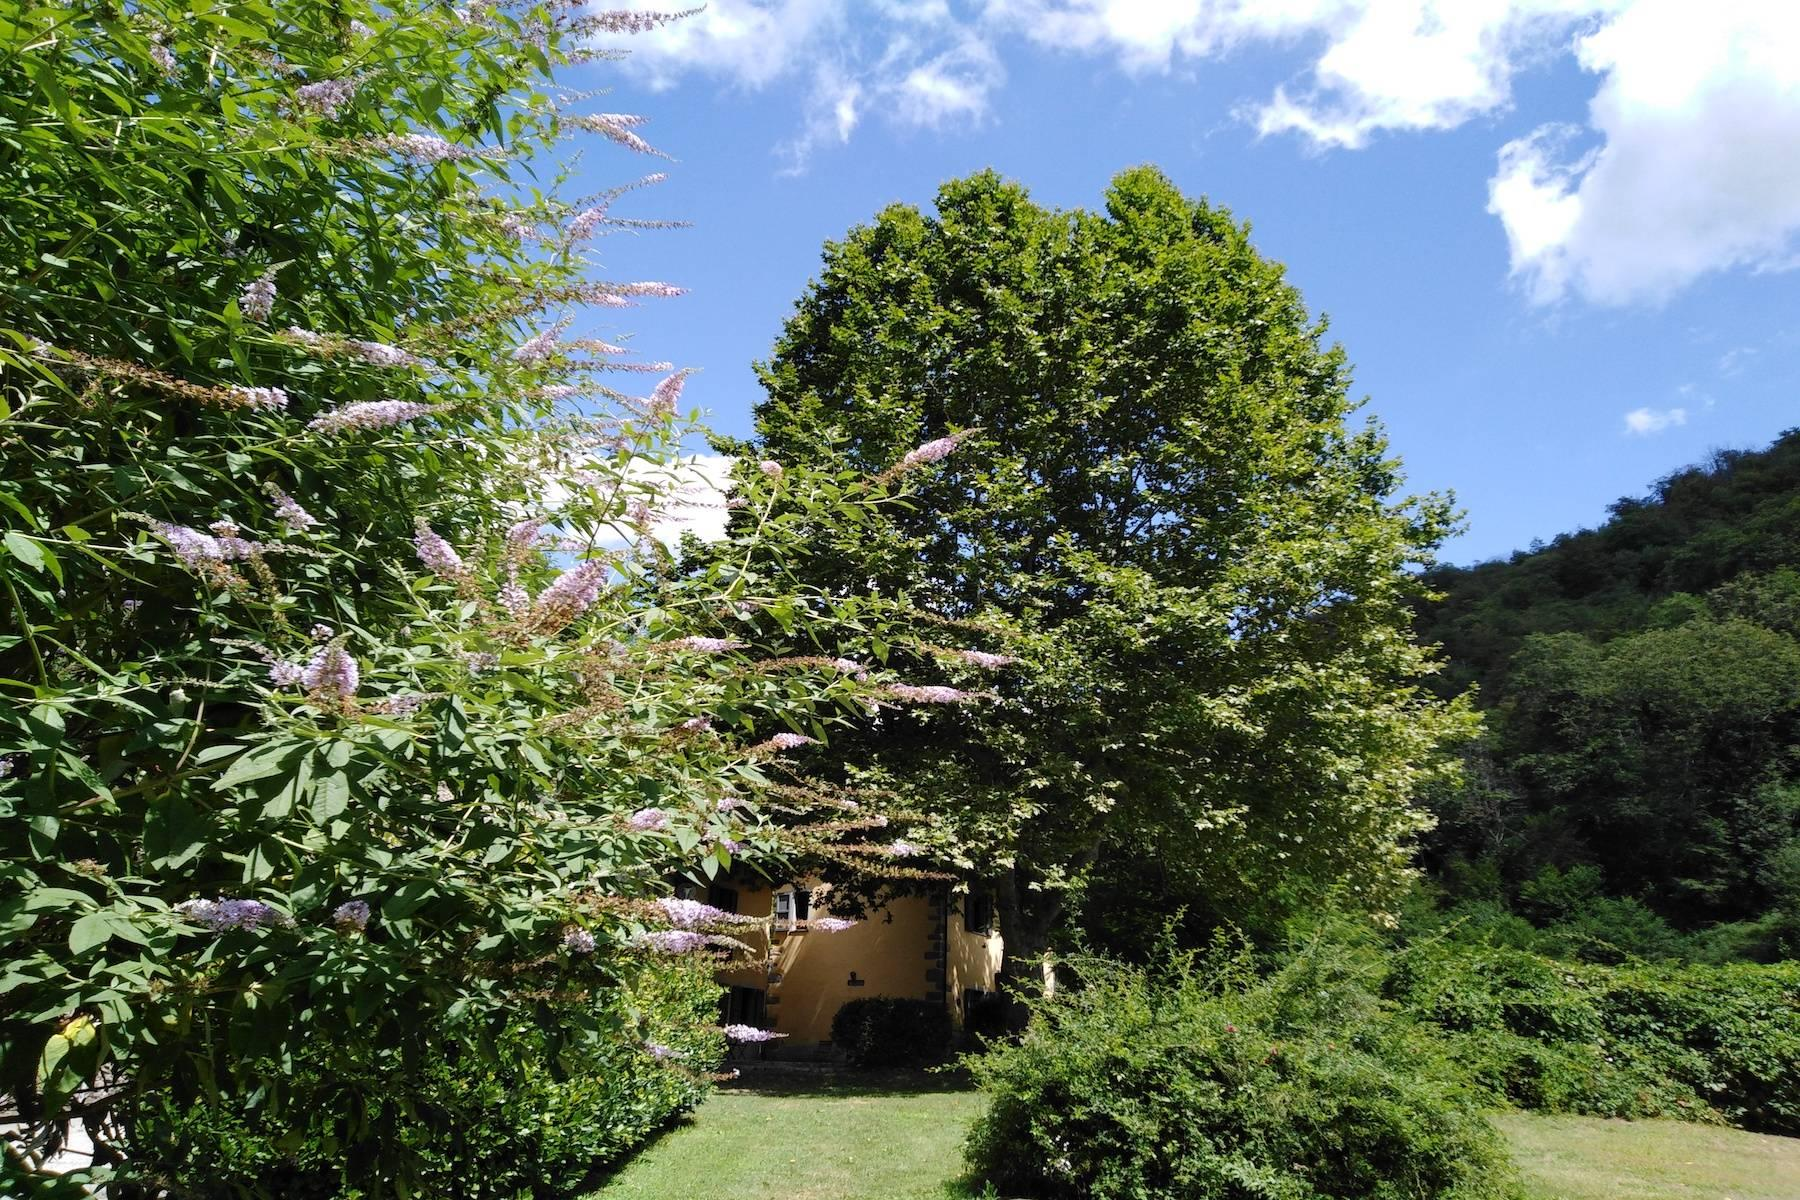 Maison de campagne enchantée sur les collines autour de Lucca - 19